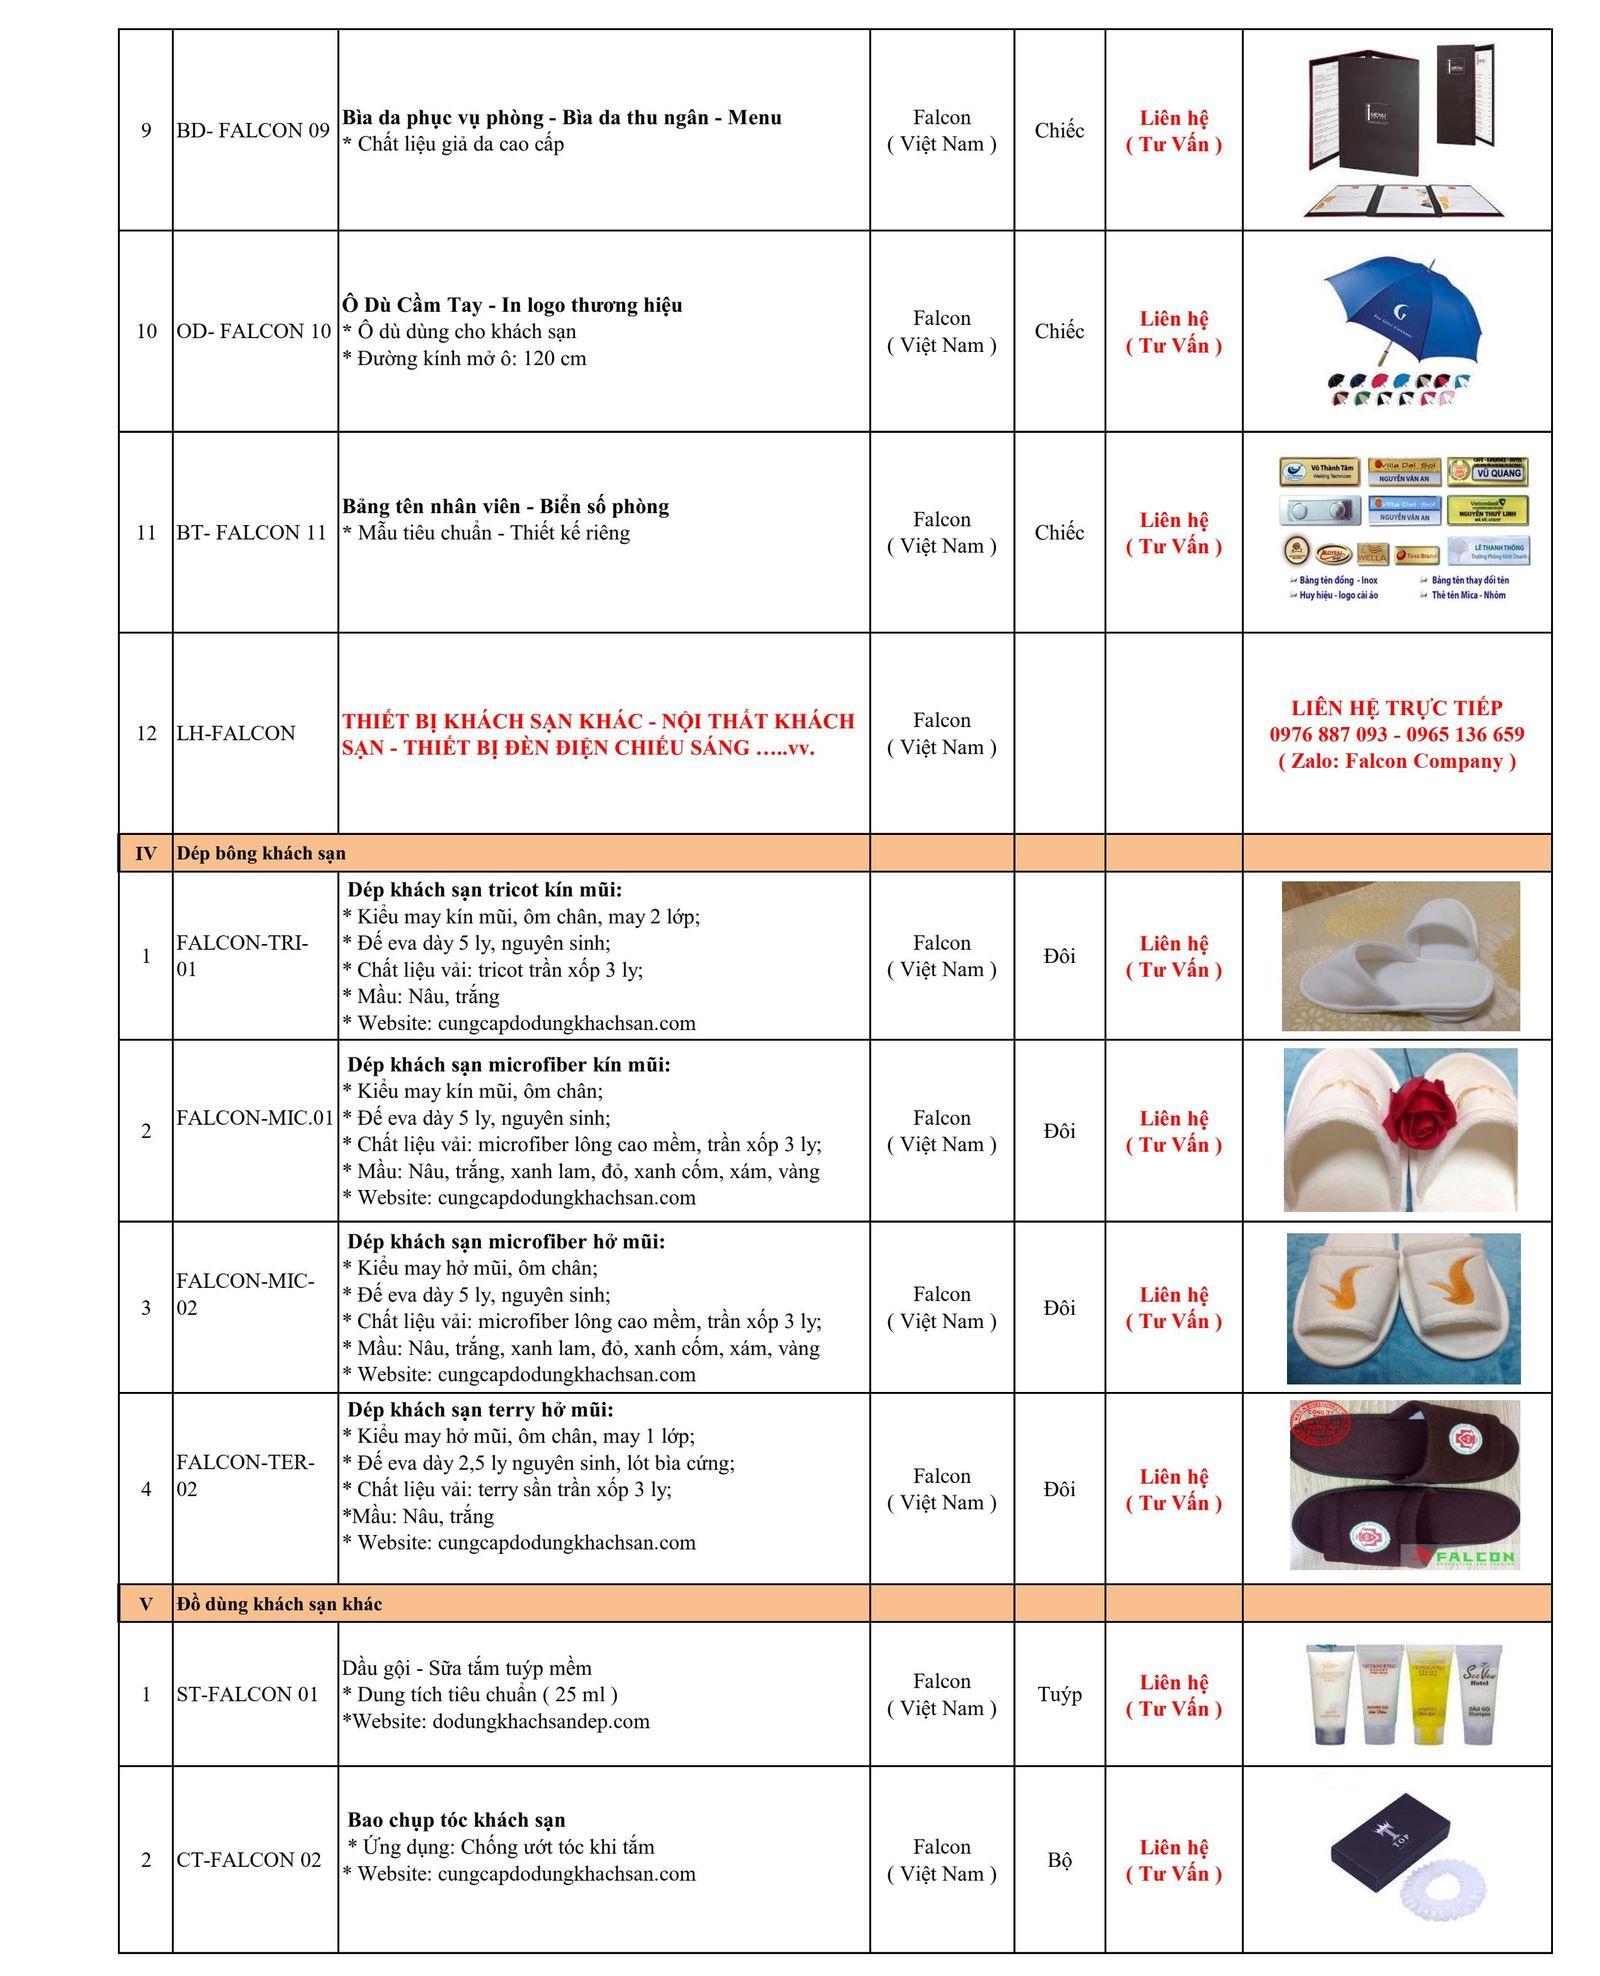 Báo giá dép khách sạn và các sản phẩm in ấn